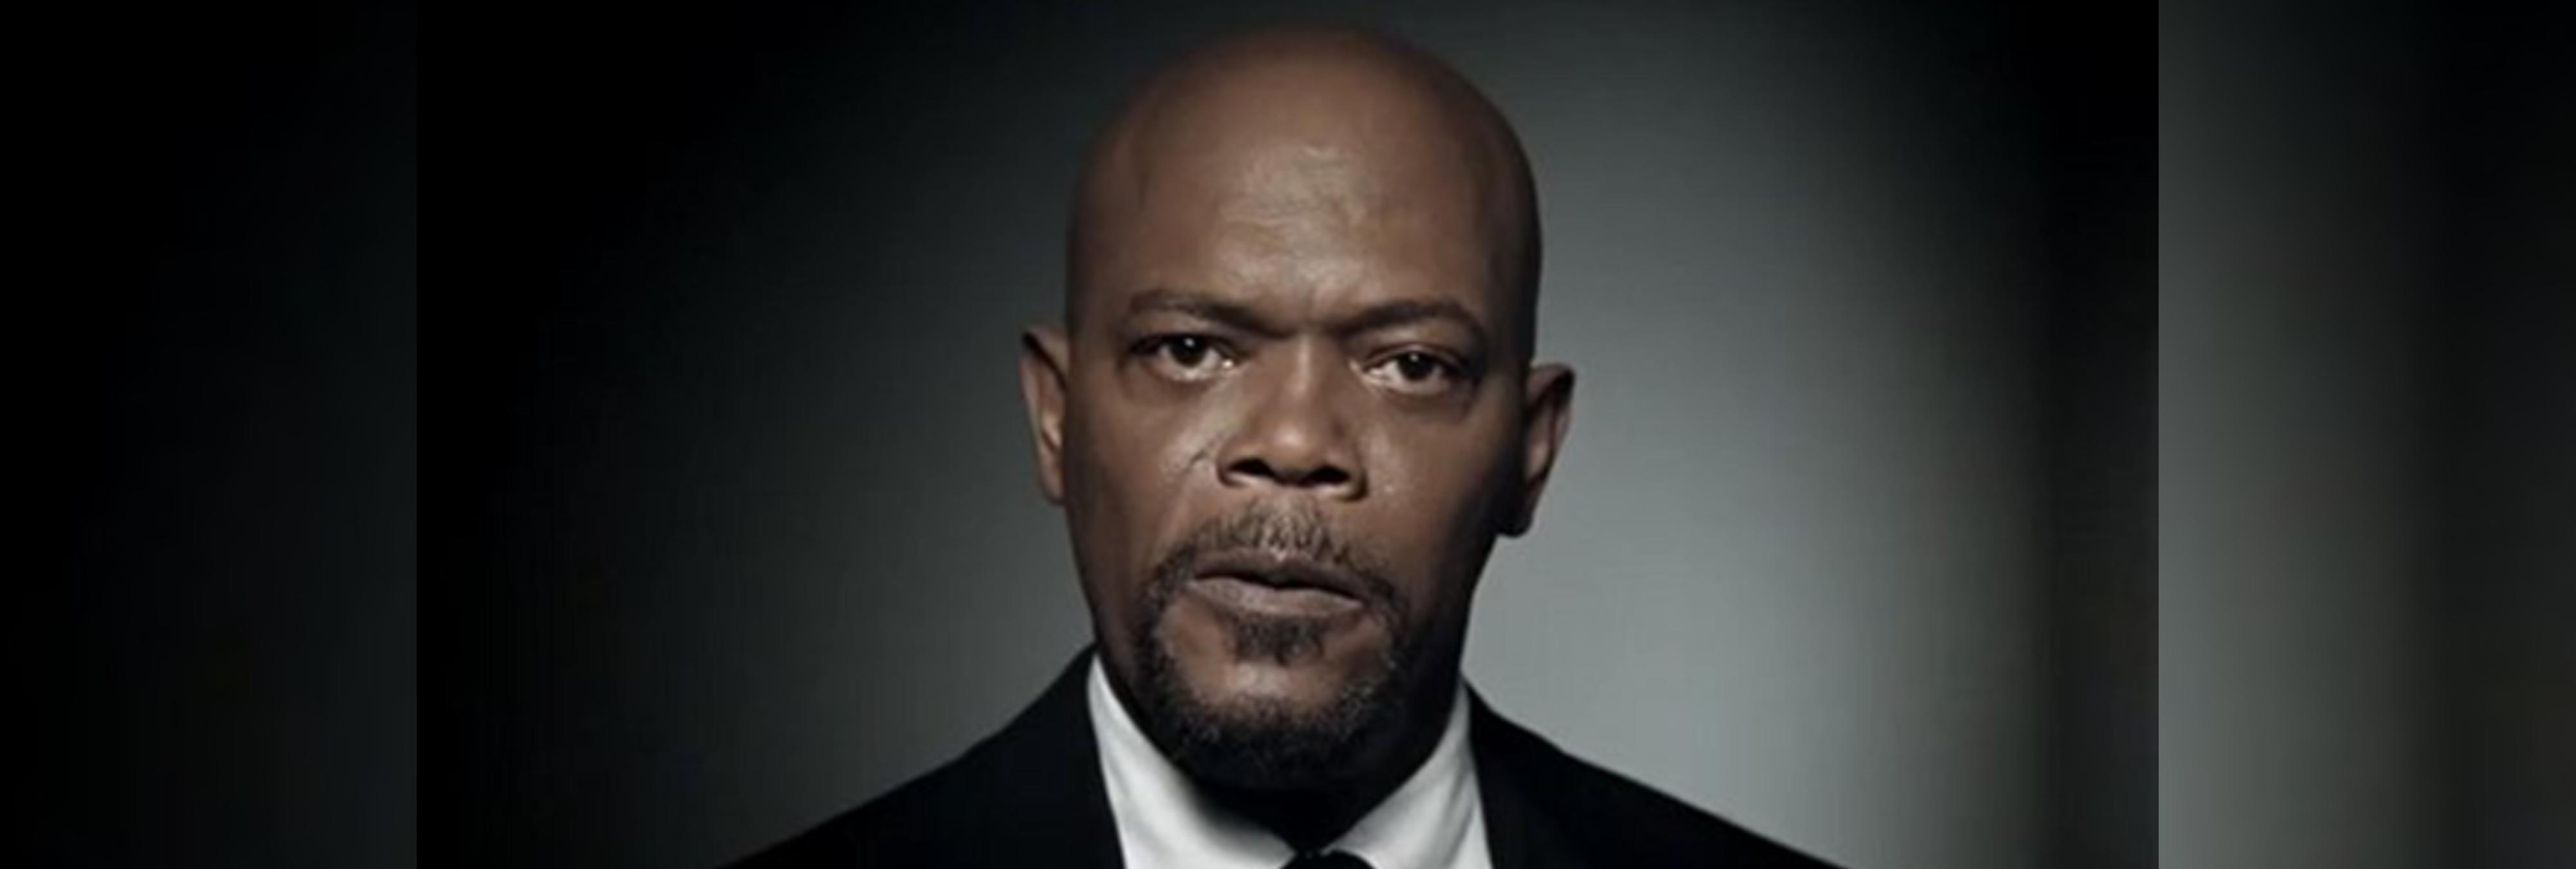 """Los actores afroamericanos estallan: """"¿acaso no podemos contar nuestras propias historias?"""""""